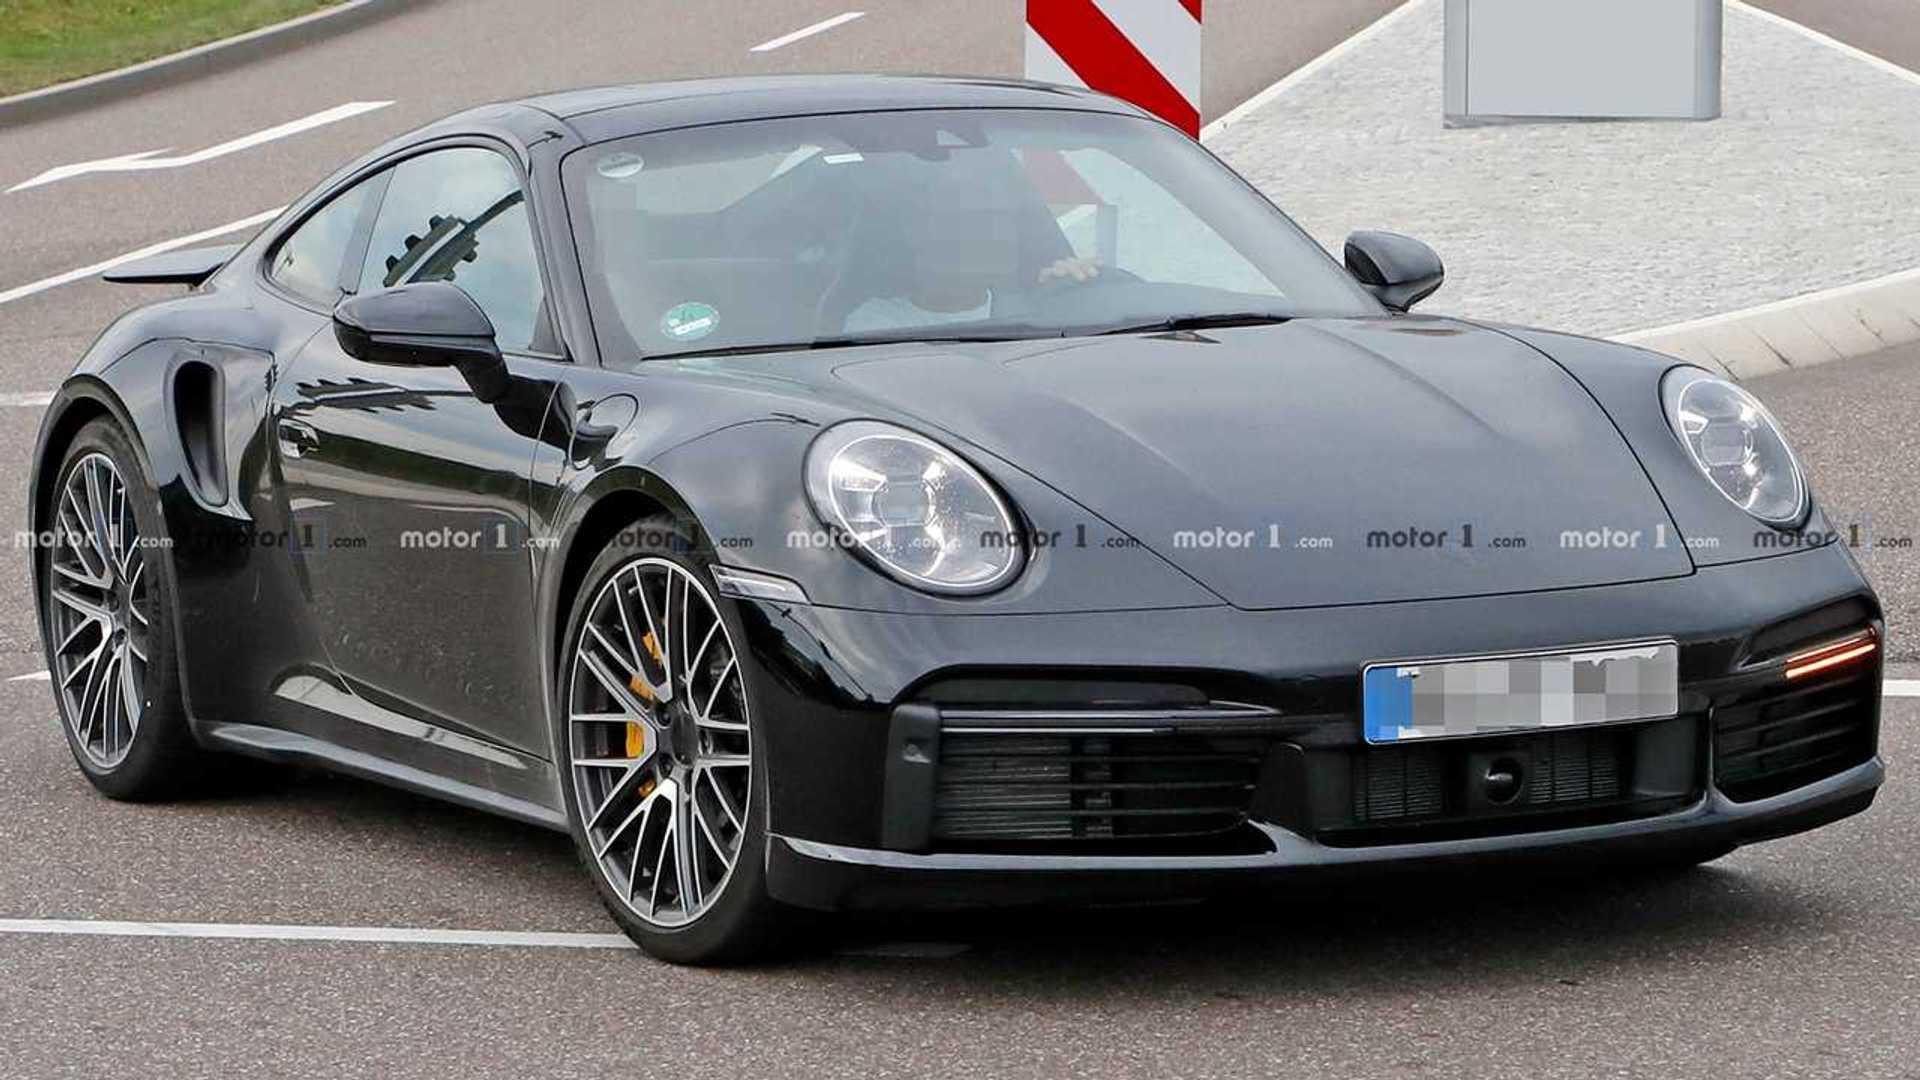 Porsche 911 Turbo Spied Nearly Undisguised In Best Photos Yet